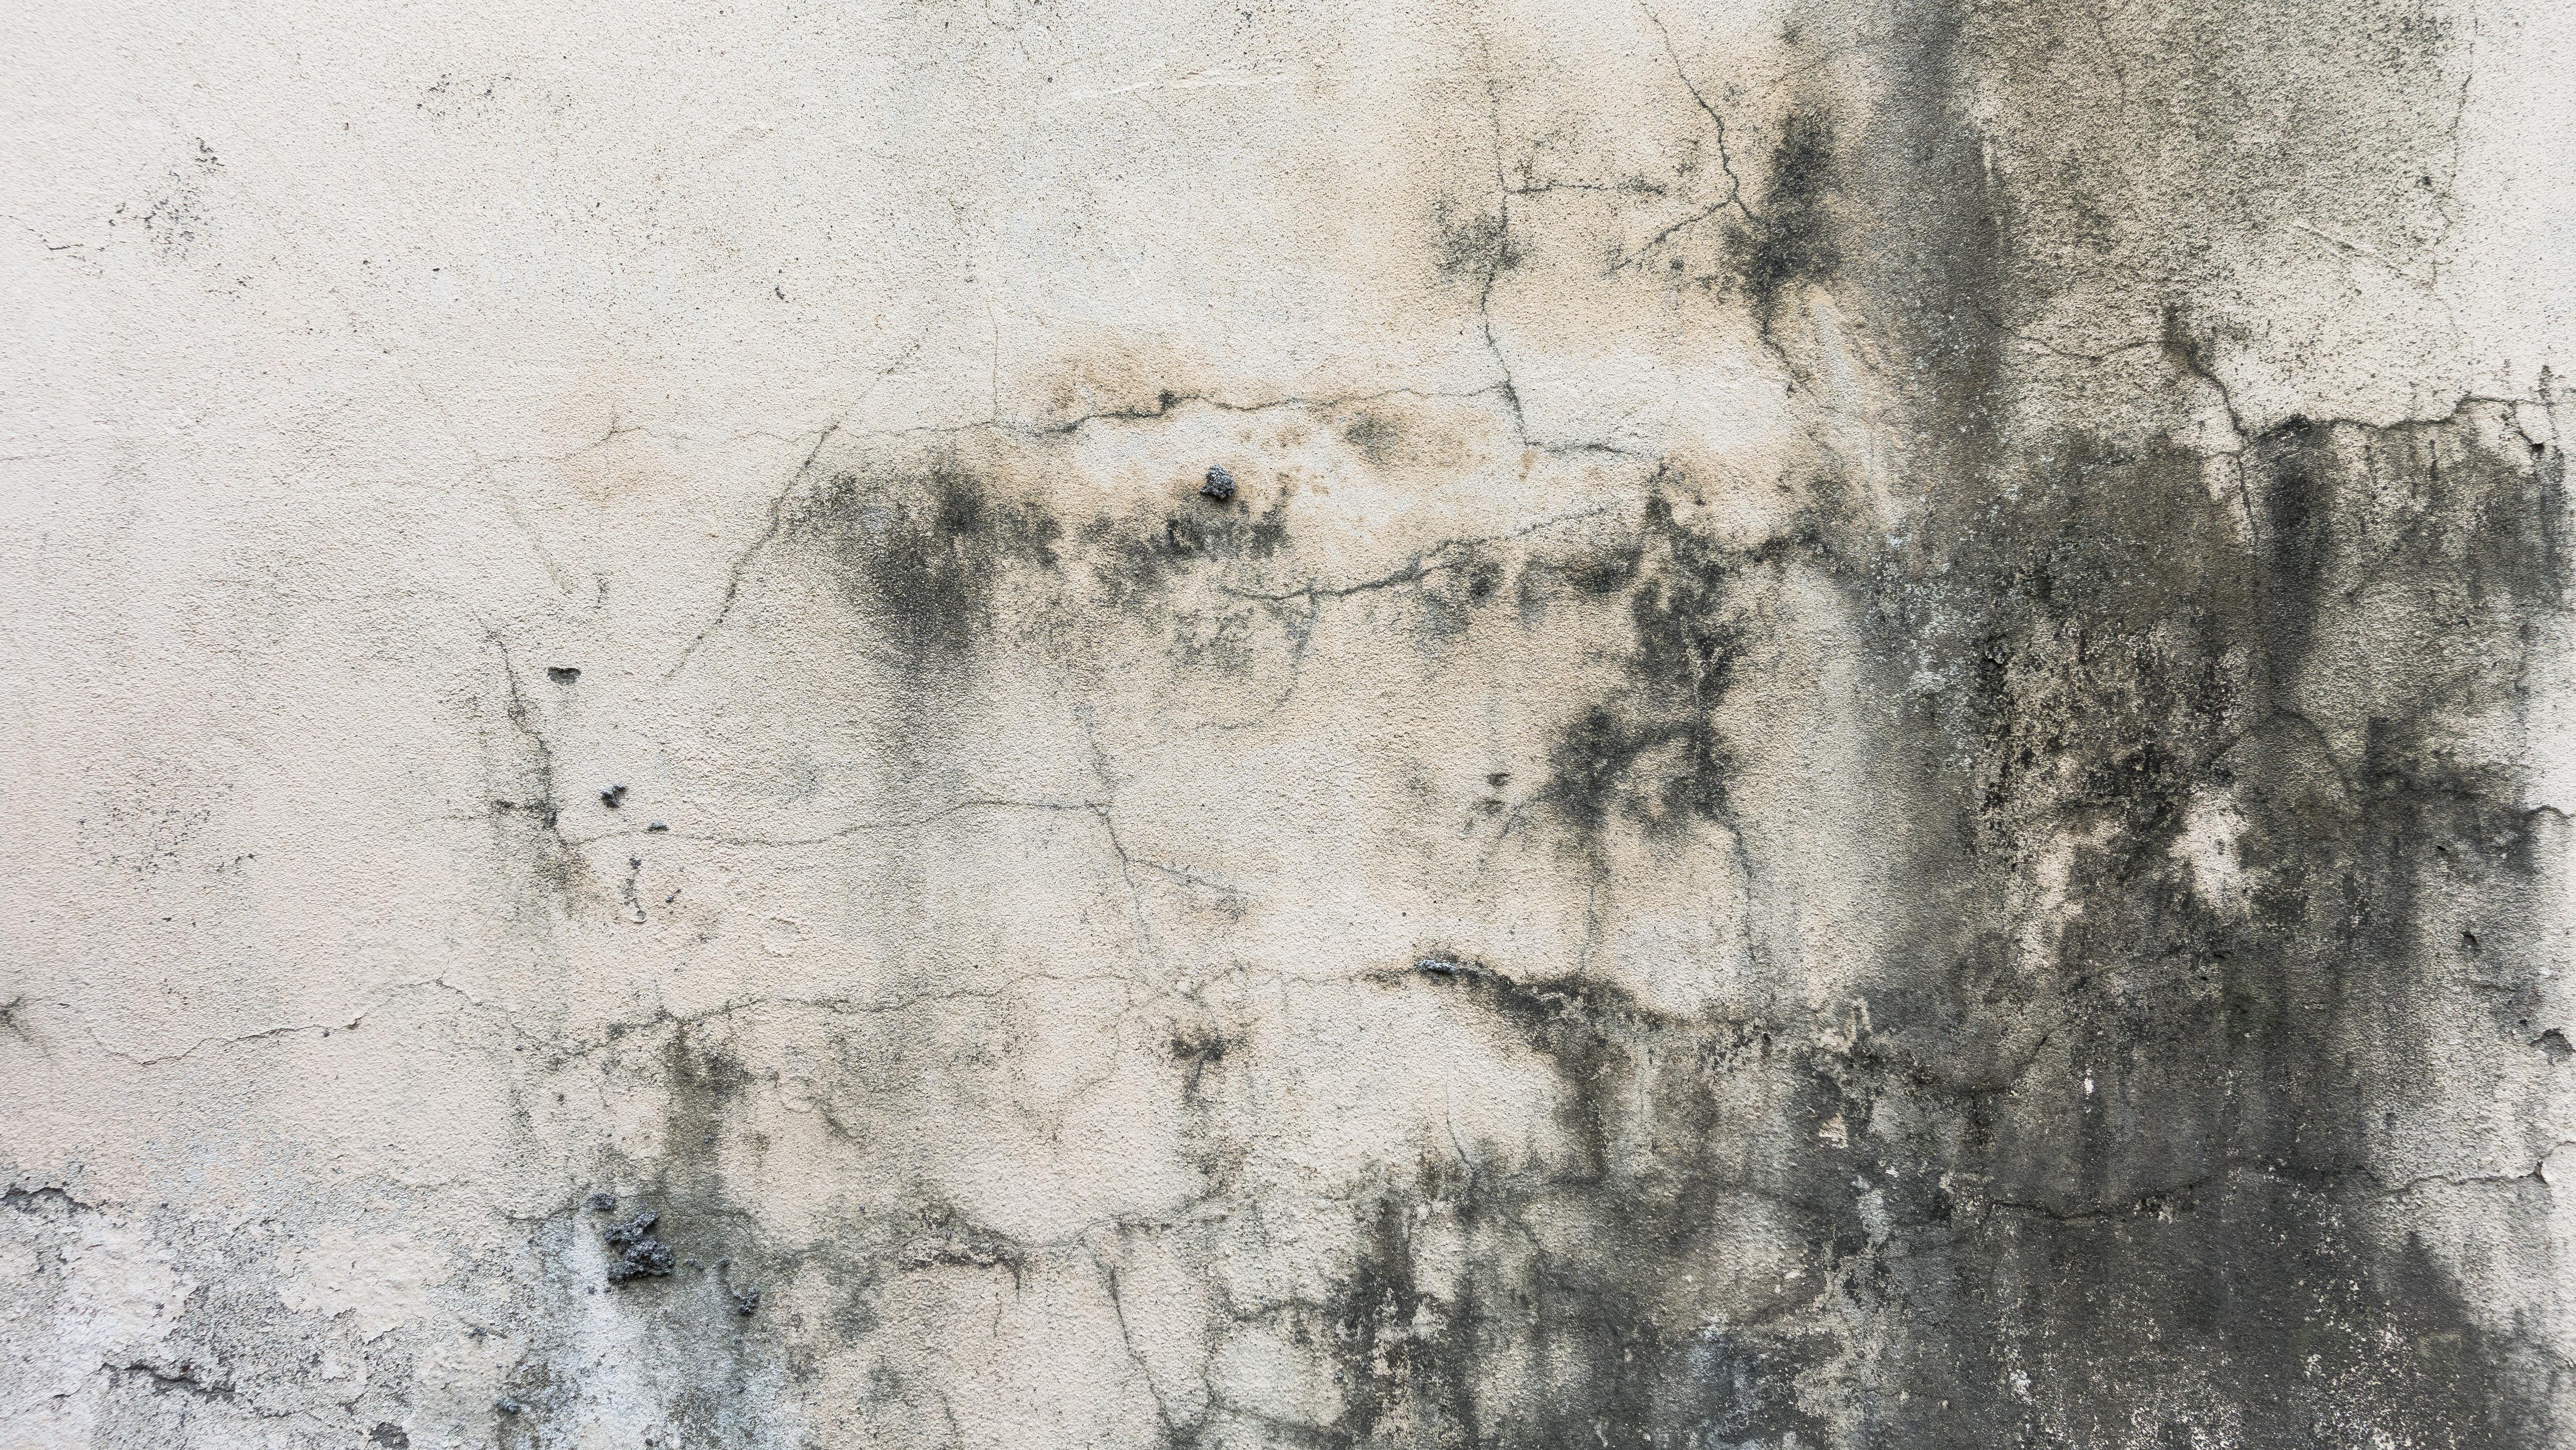 Banco De Imagens Sujo Textura Parede Rachadura Sujo